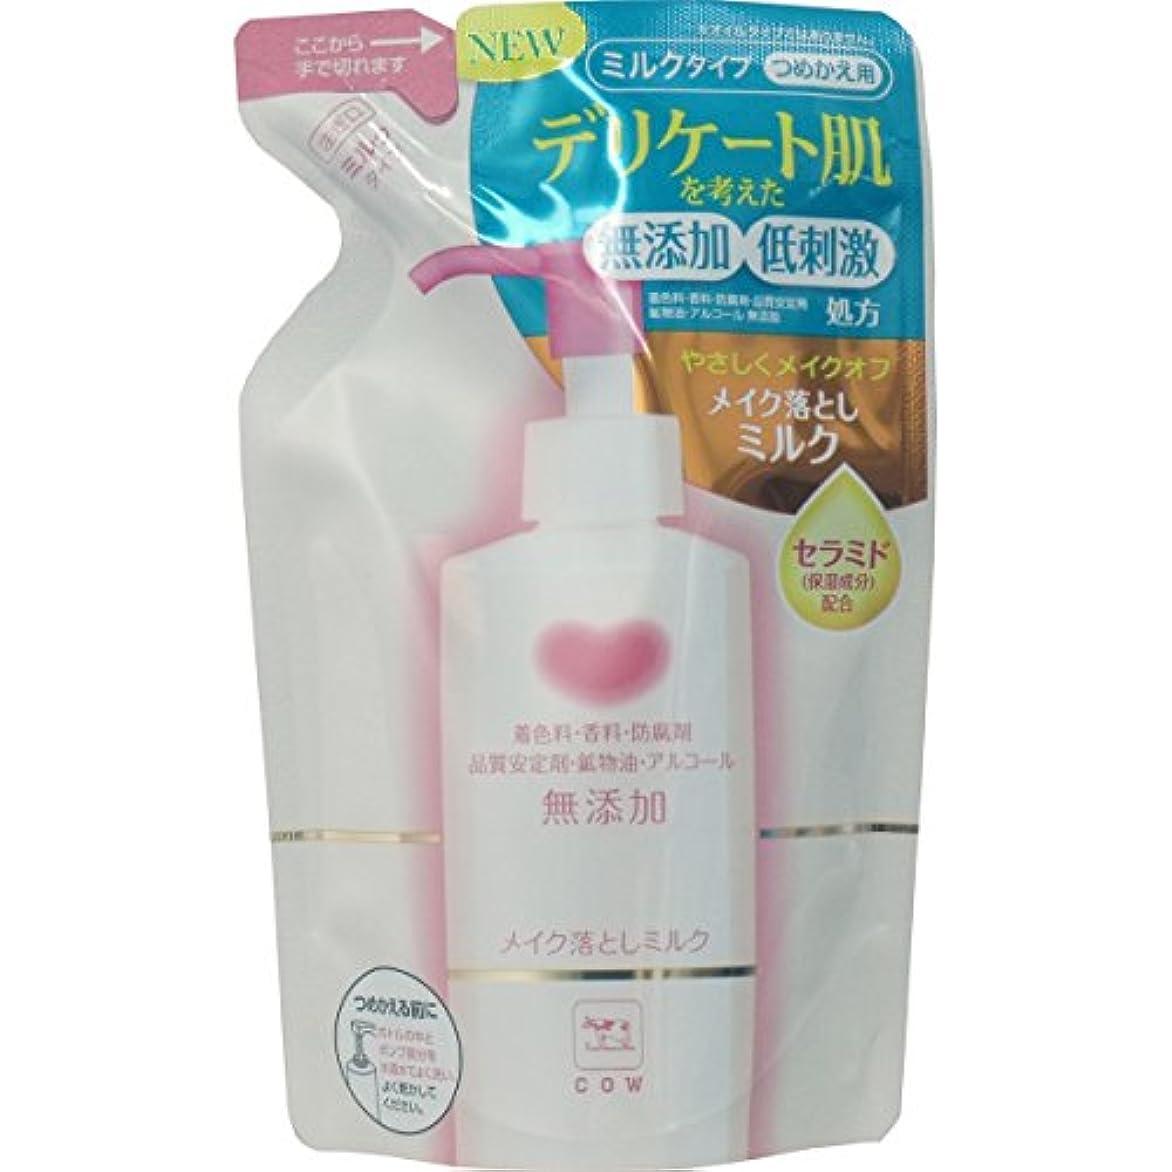 心からスプーンマーカー【牛乳石鹸共進社】カウ無添加 メイク落としミルク つめかえ用 130ml ×3個セット